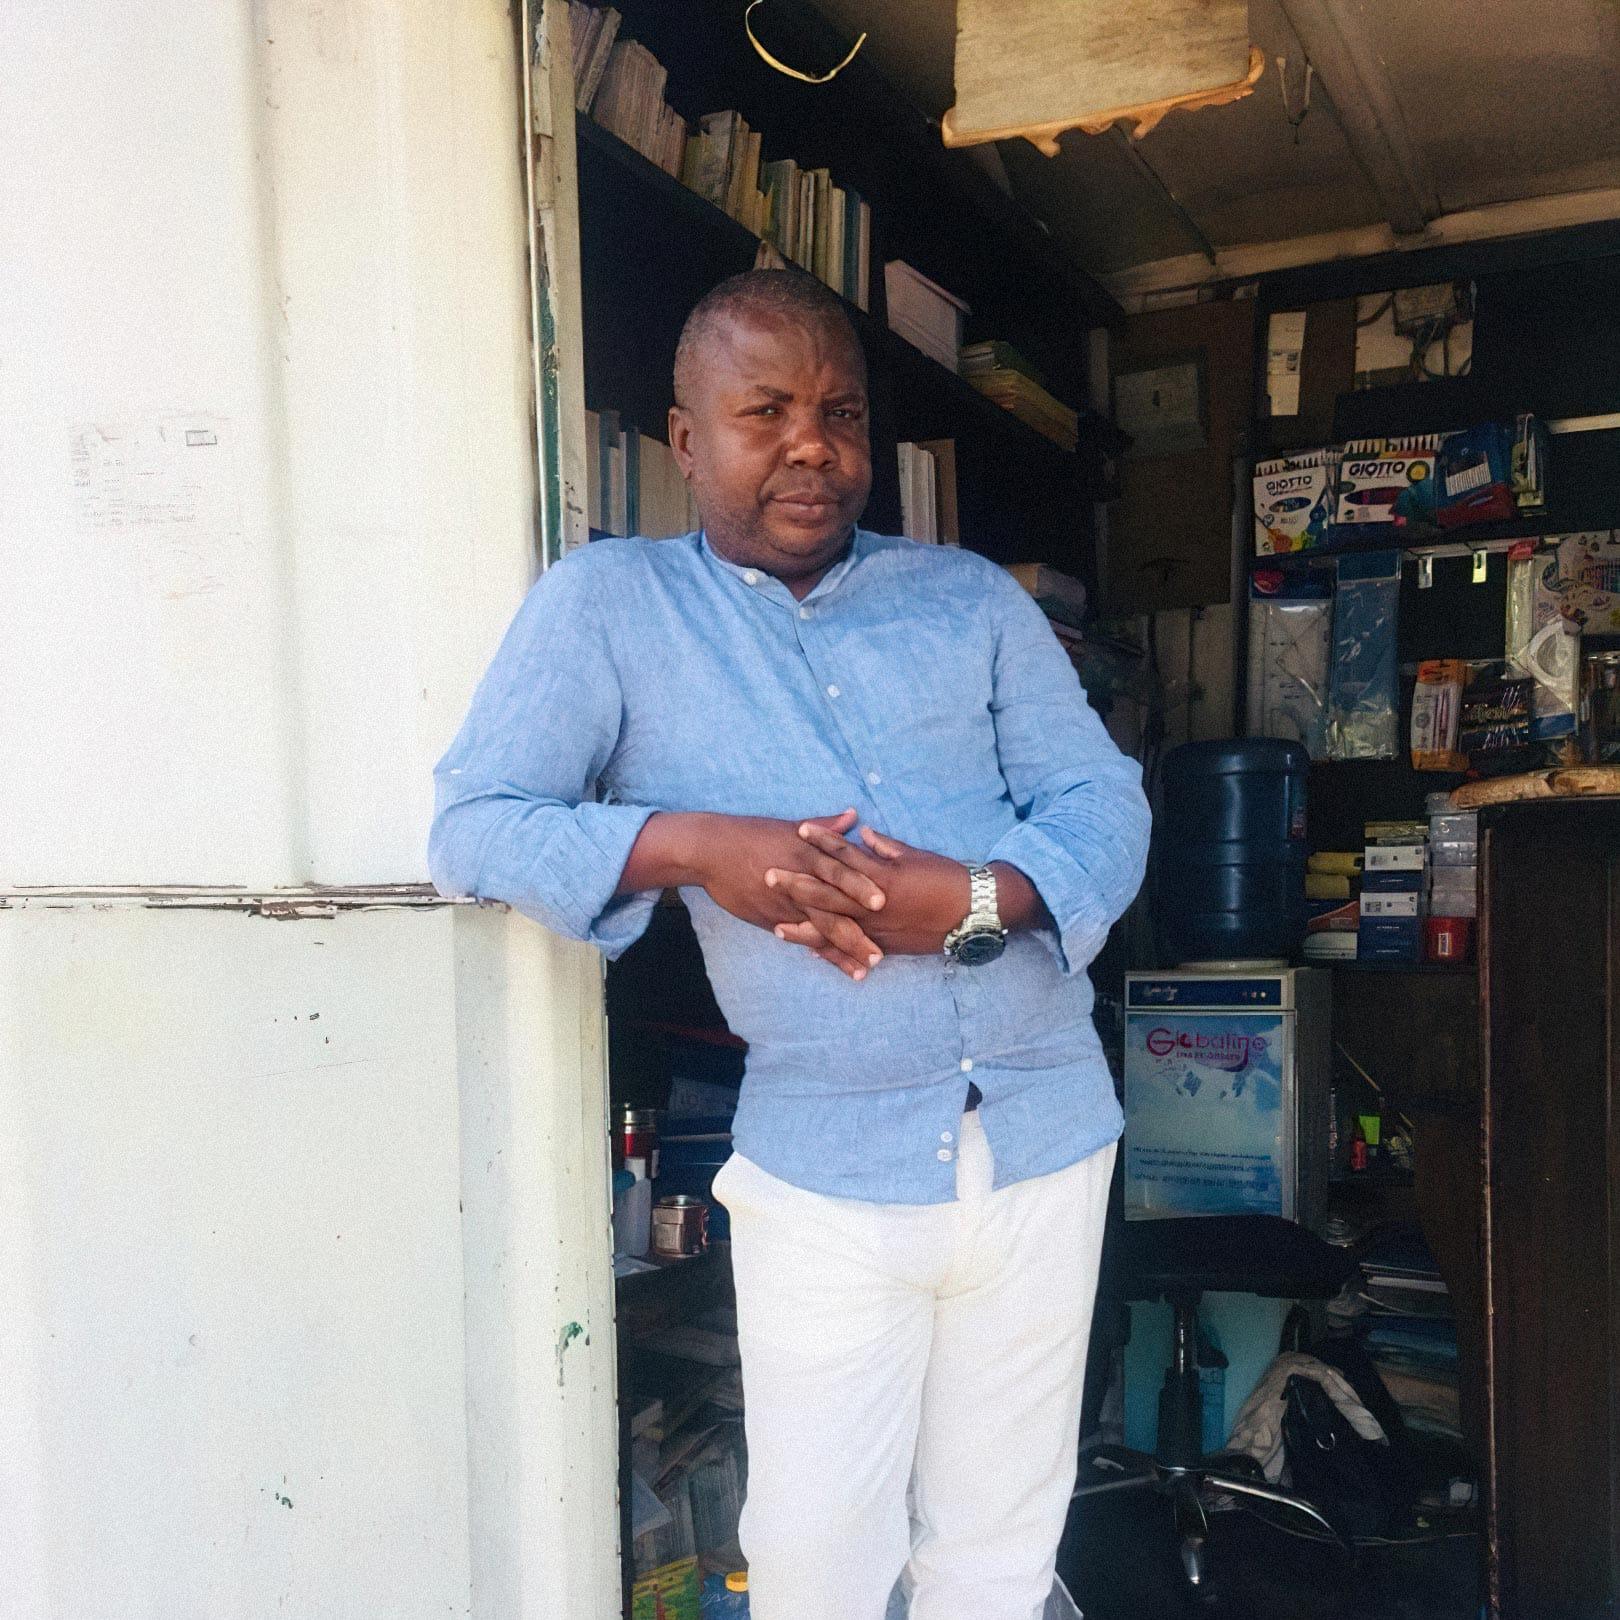 Христ Мбици, основатель книжного магазина Librarie Buku в Браззавиле, Конго. Фото из личного архива